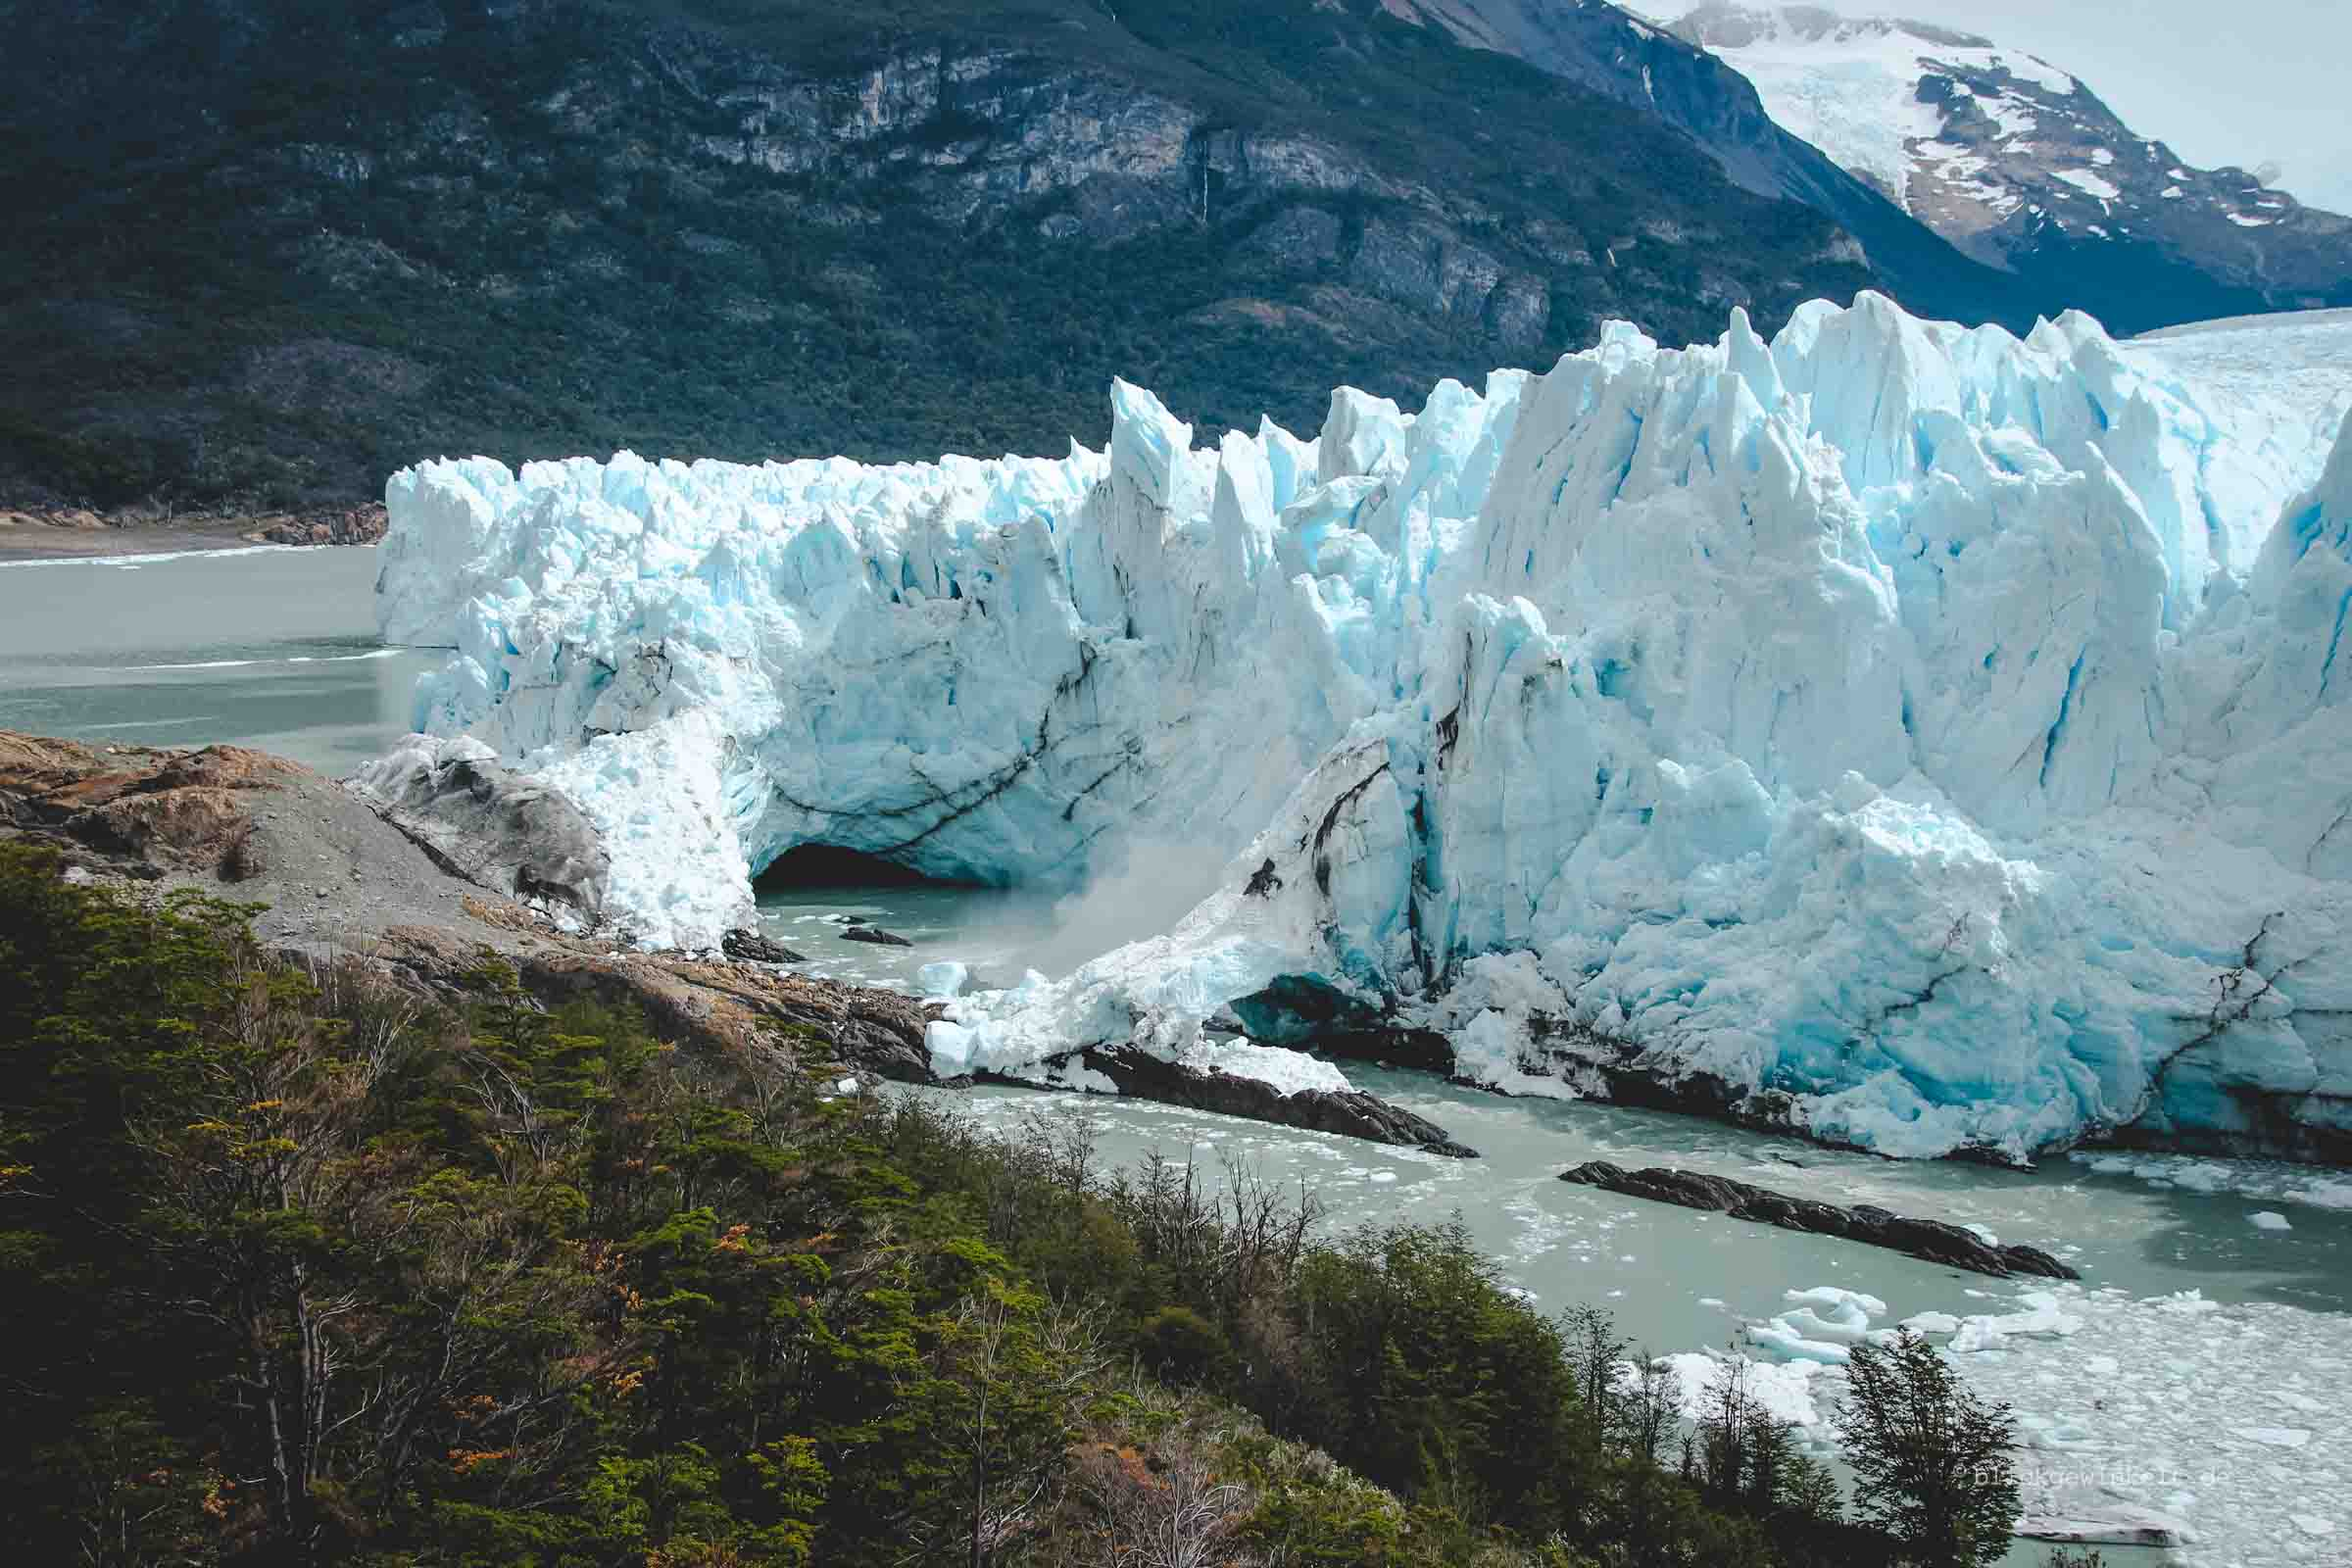 Abbruch eines großen Stückes vom Gletscher